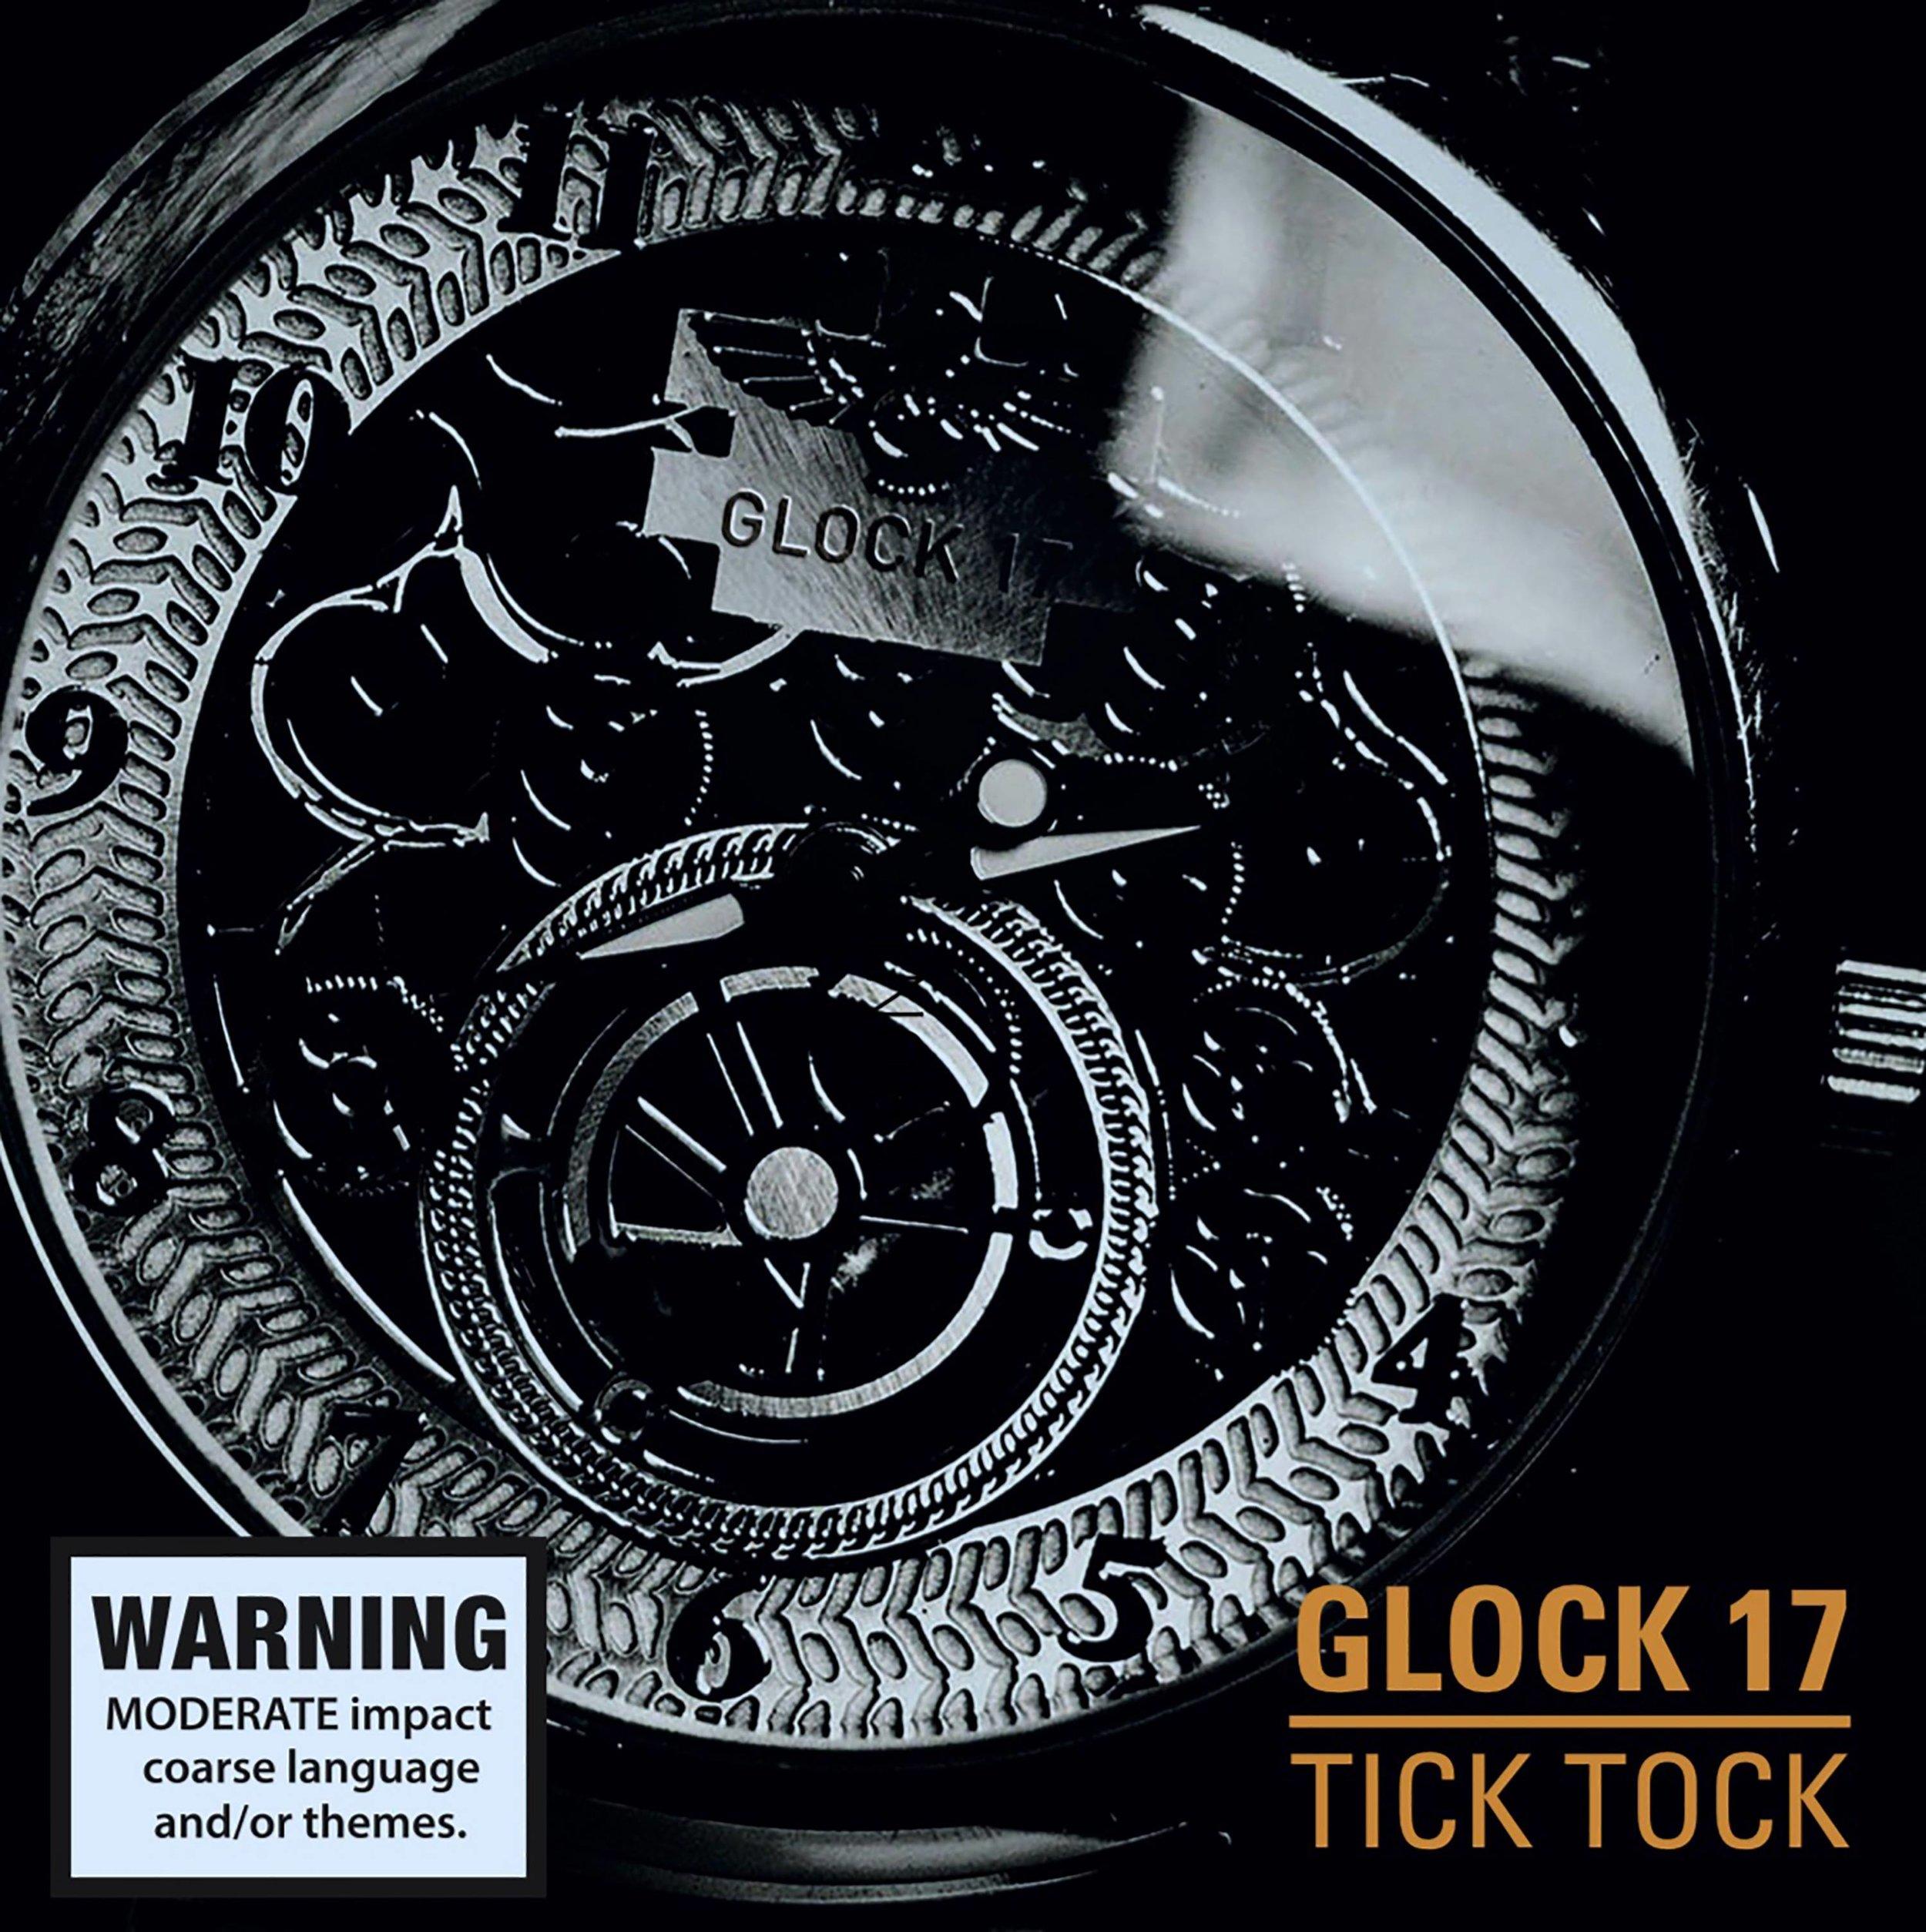 TickTock.jpg